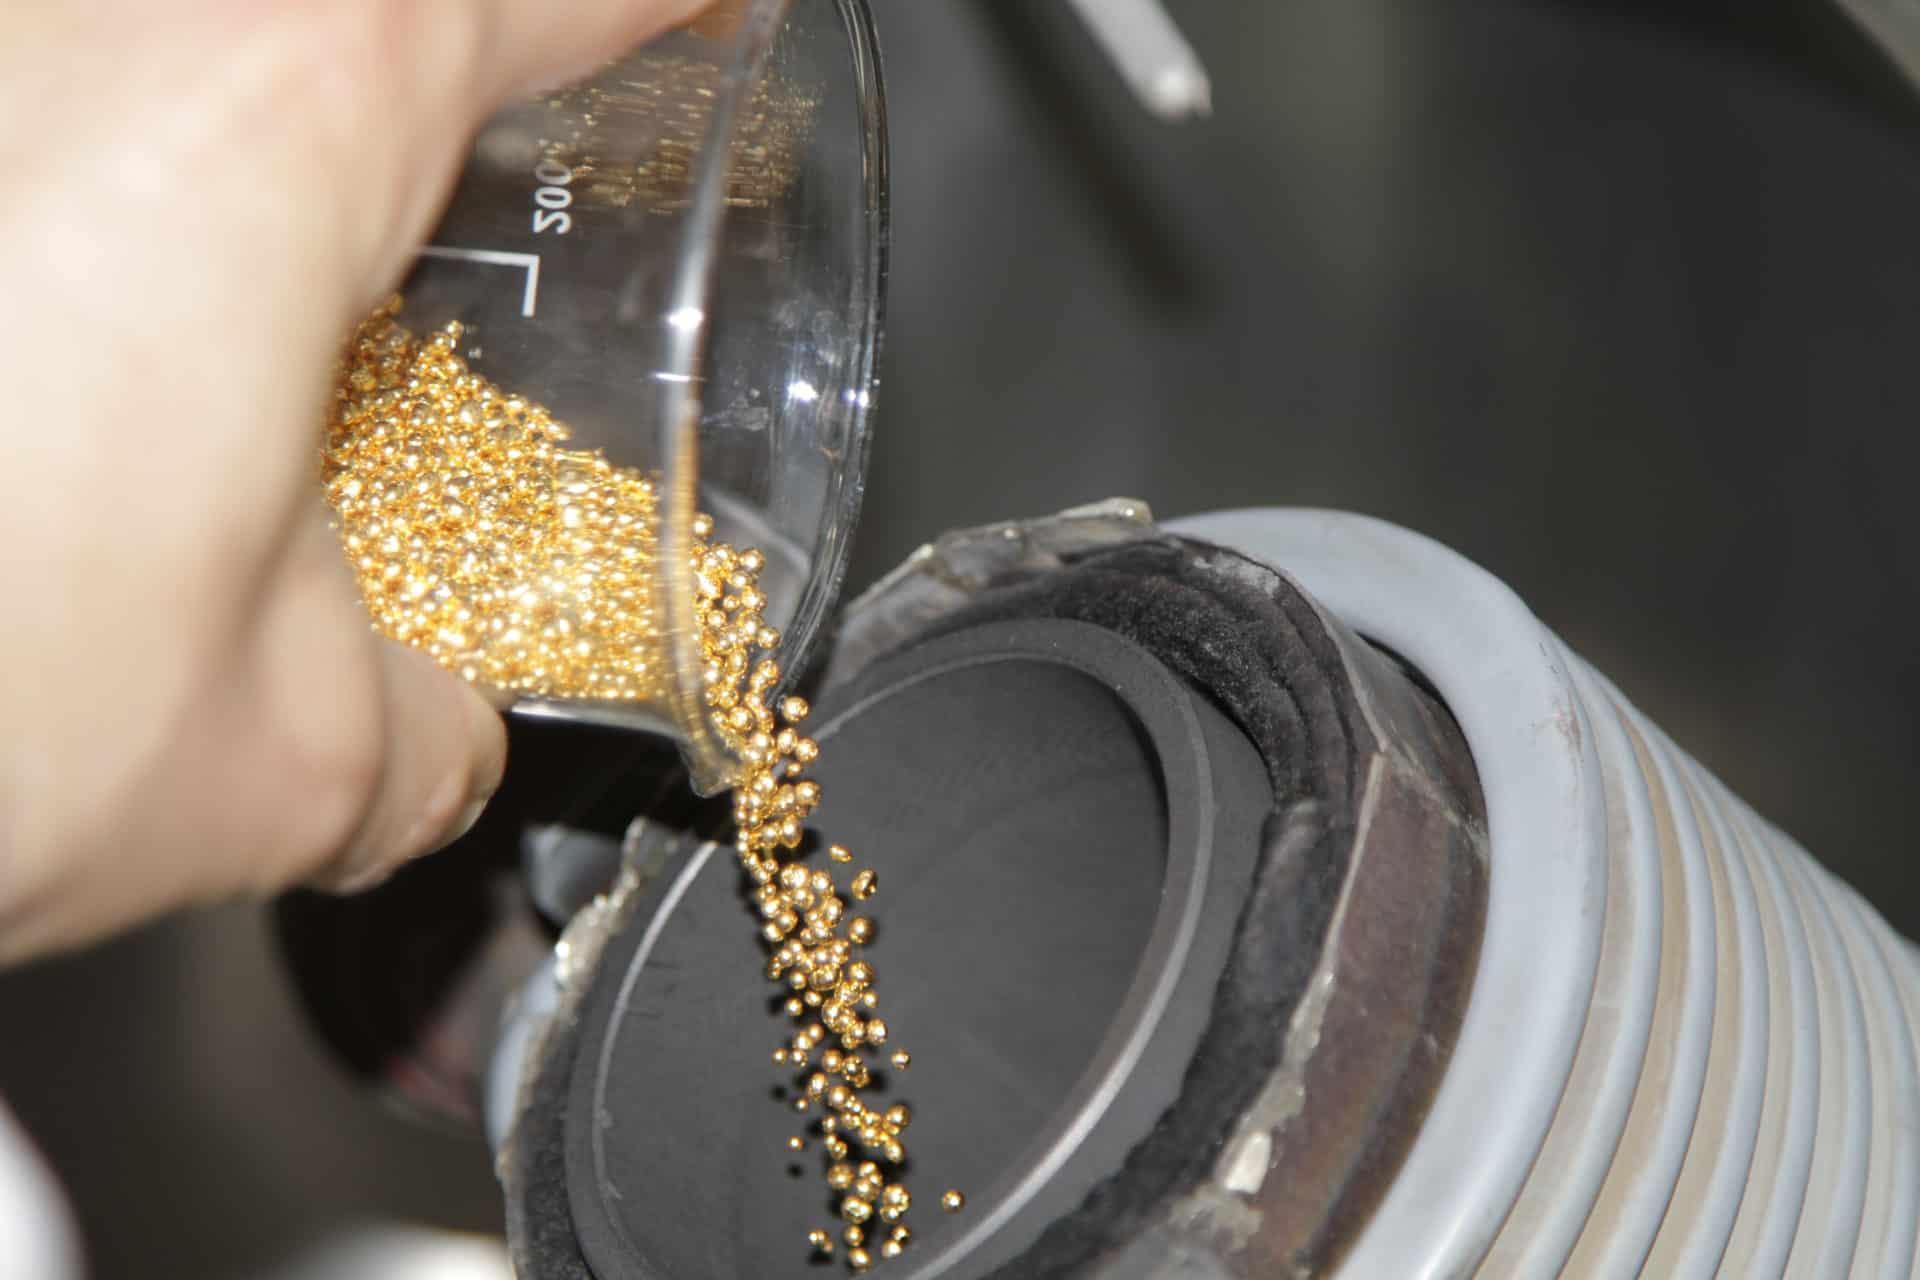 Das Einfüllen der Goldkörner